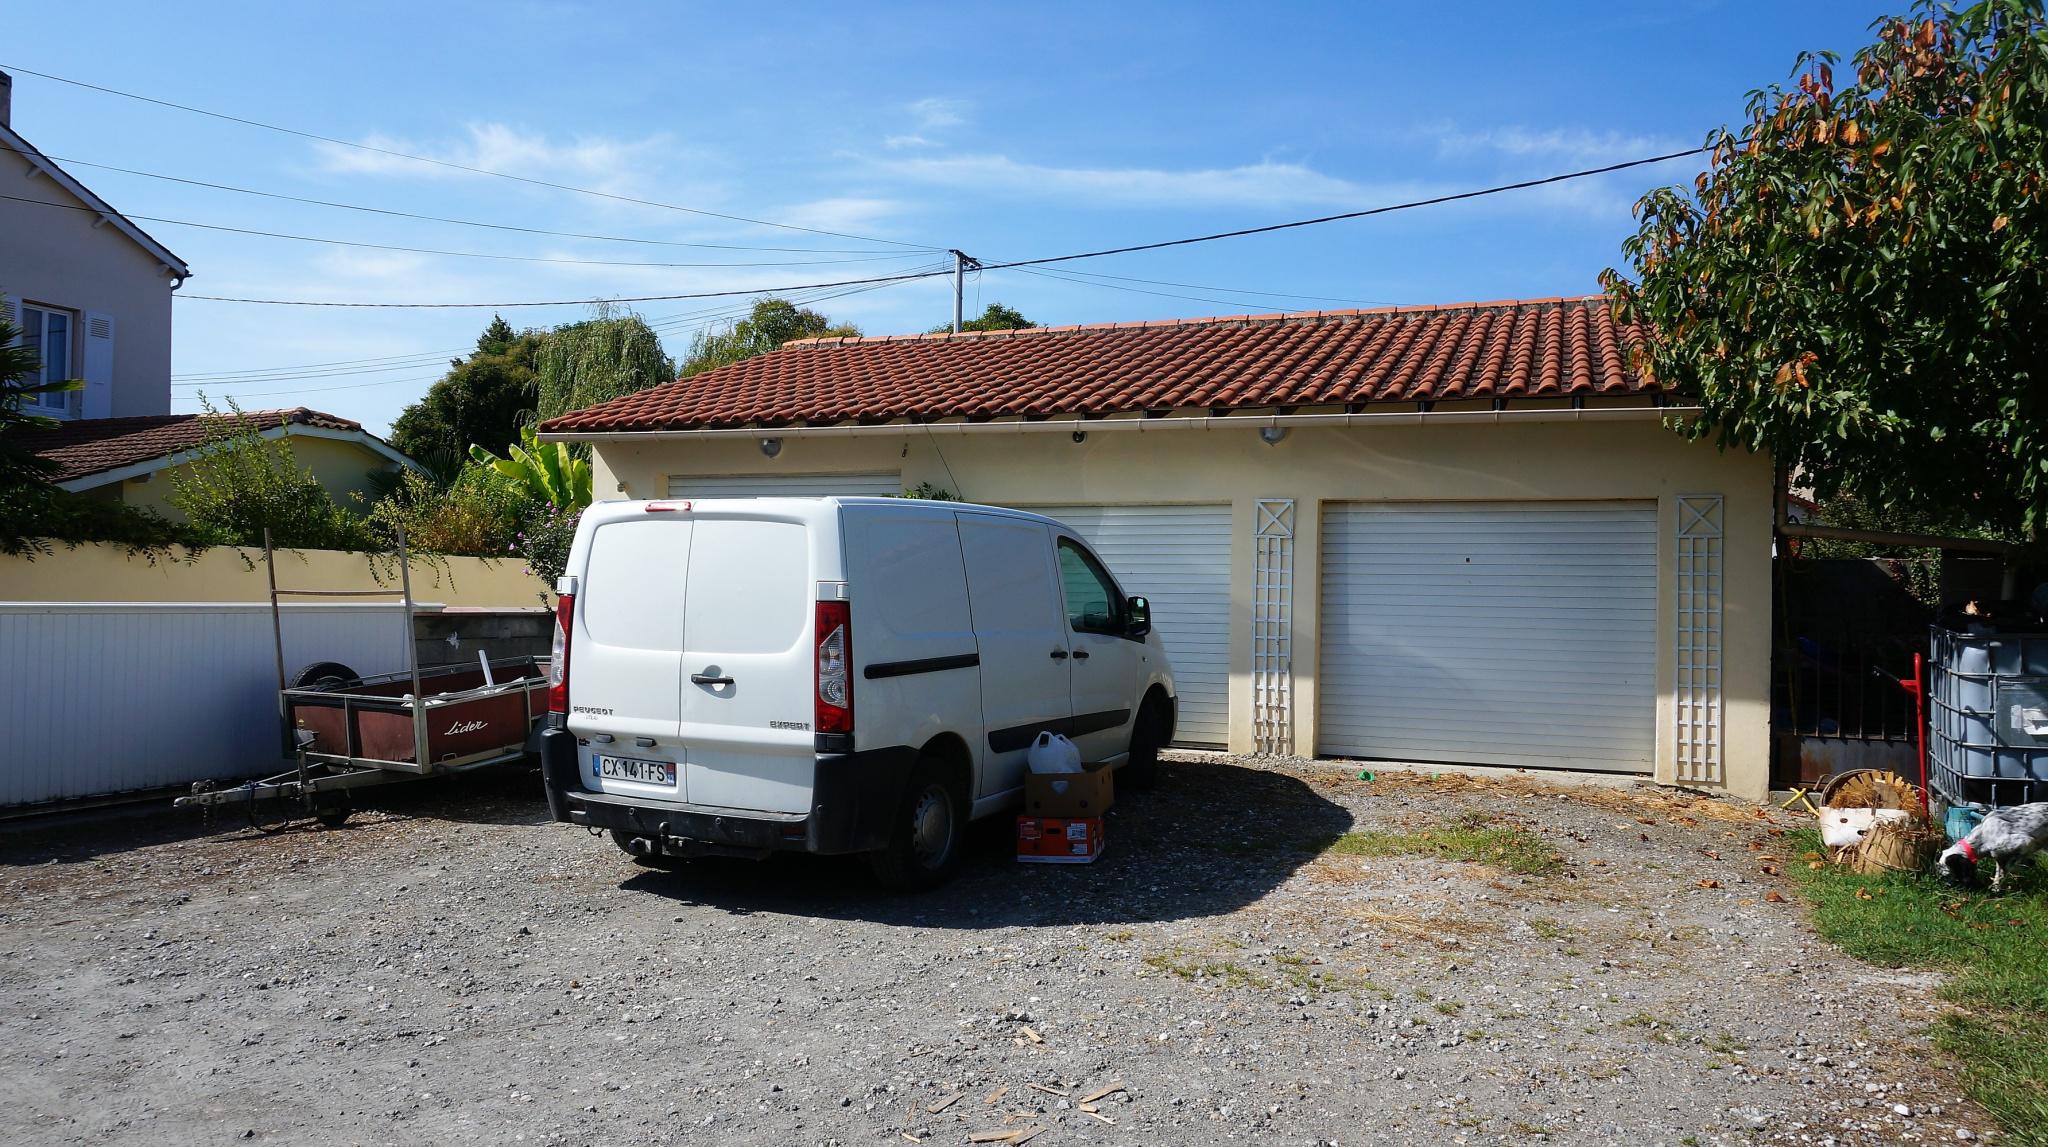 Vente maison/villa 1 pièces plaisance 32160